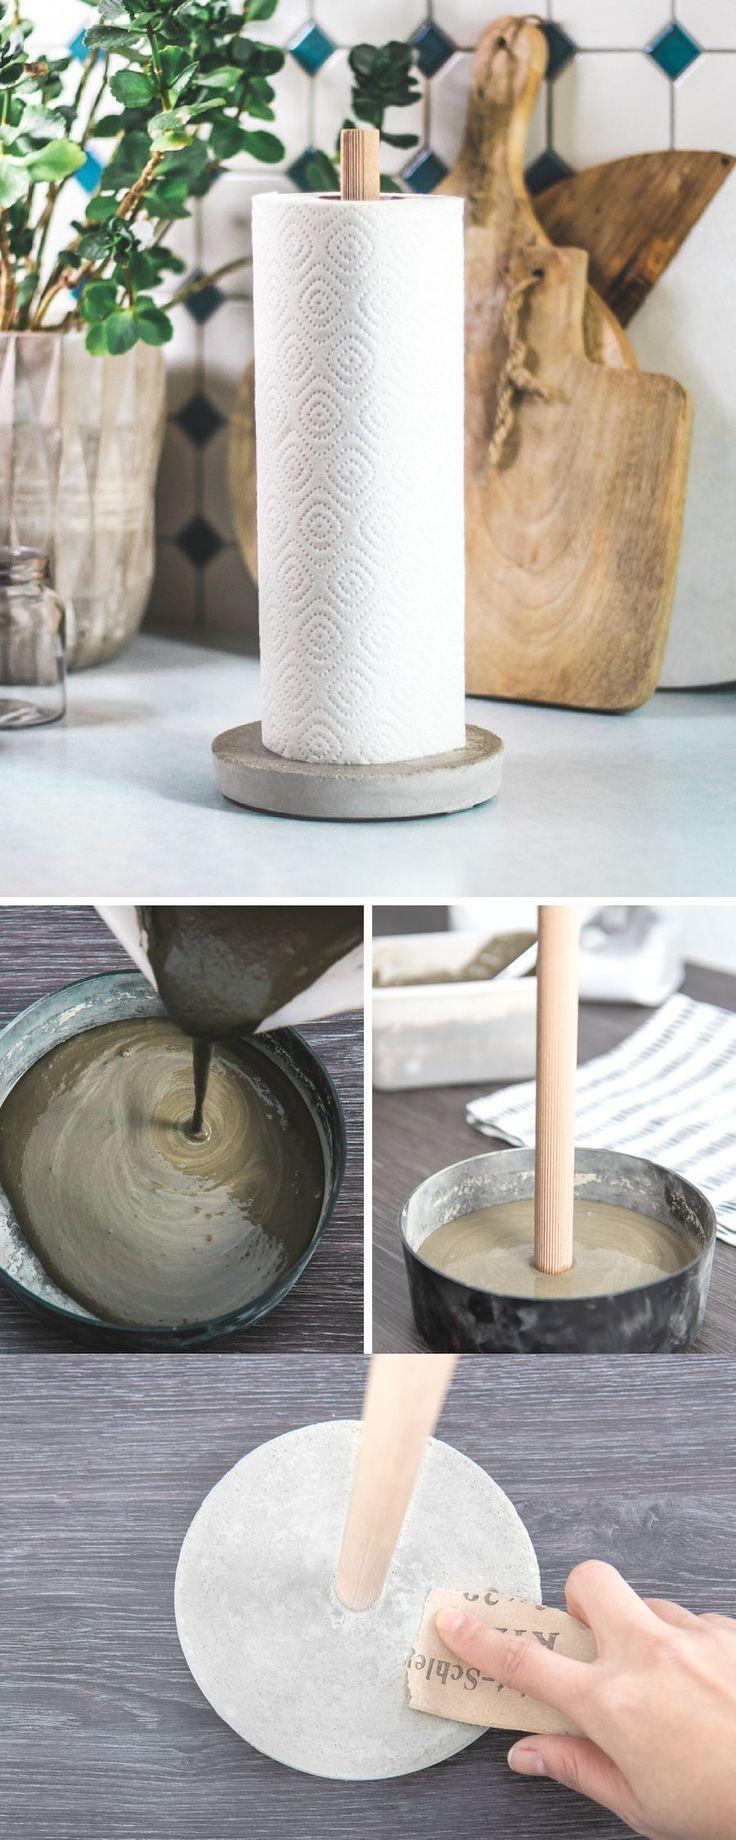 Beton Deko DIY – Beton für Deko – so machen Sie sich selbst einen Küchenrollenhalter … #WoodWorking